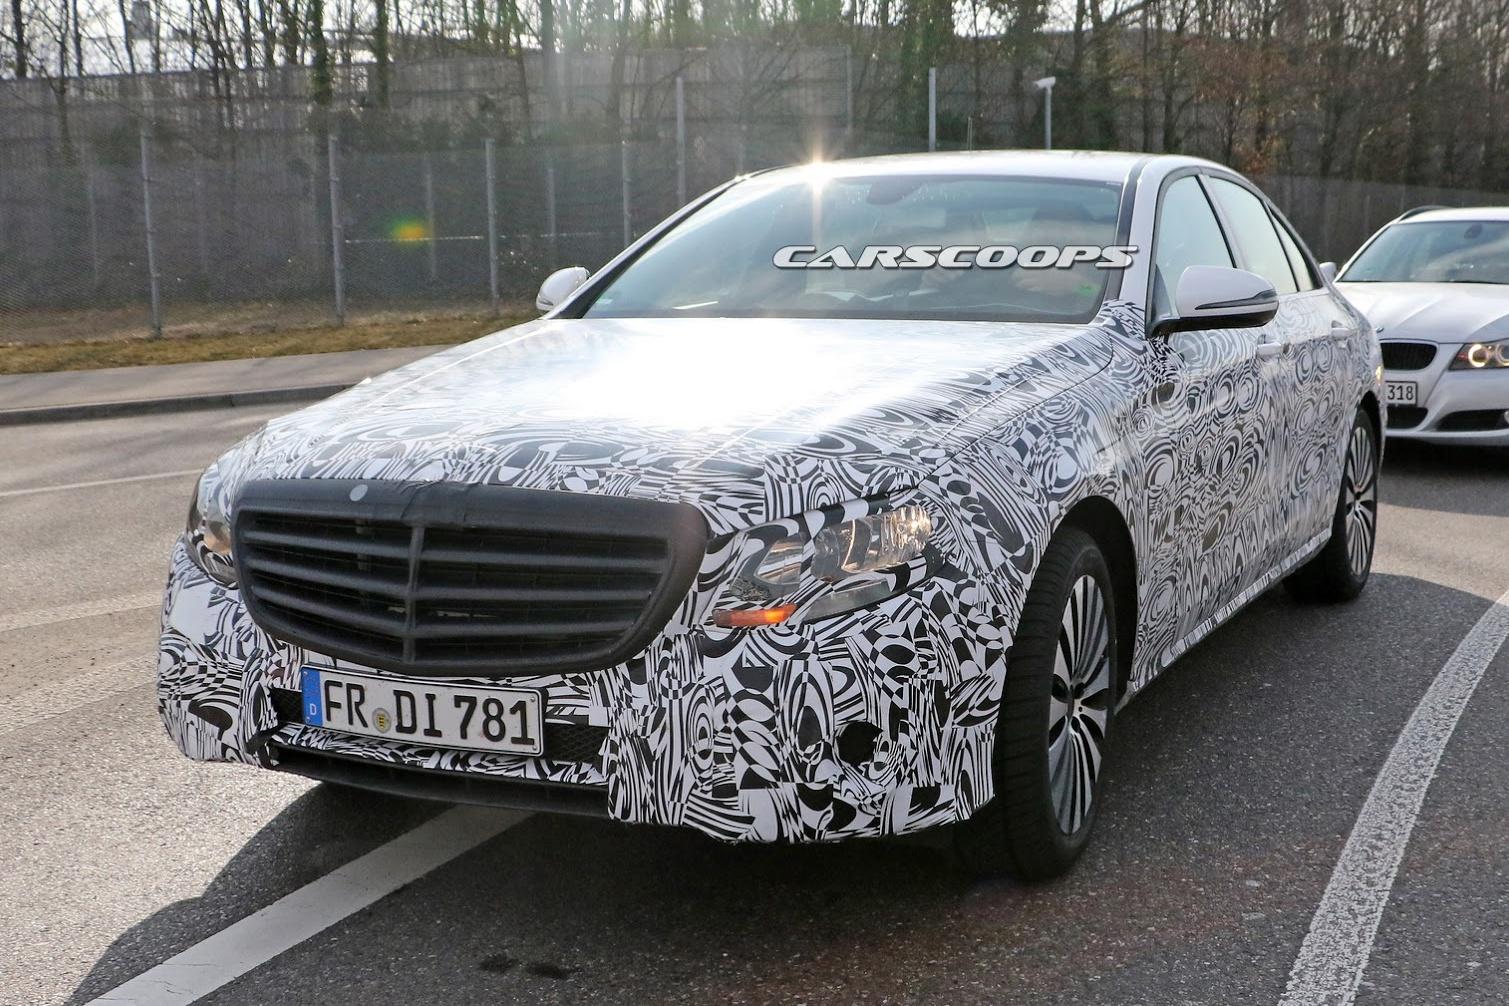 Mercedes-benz e-класс (w211/s211 рестайлинг), седан